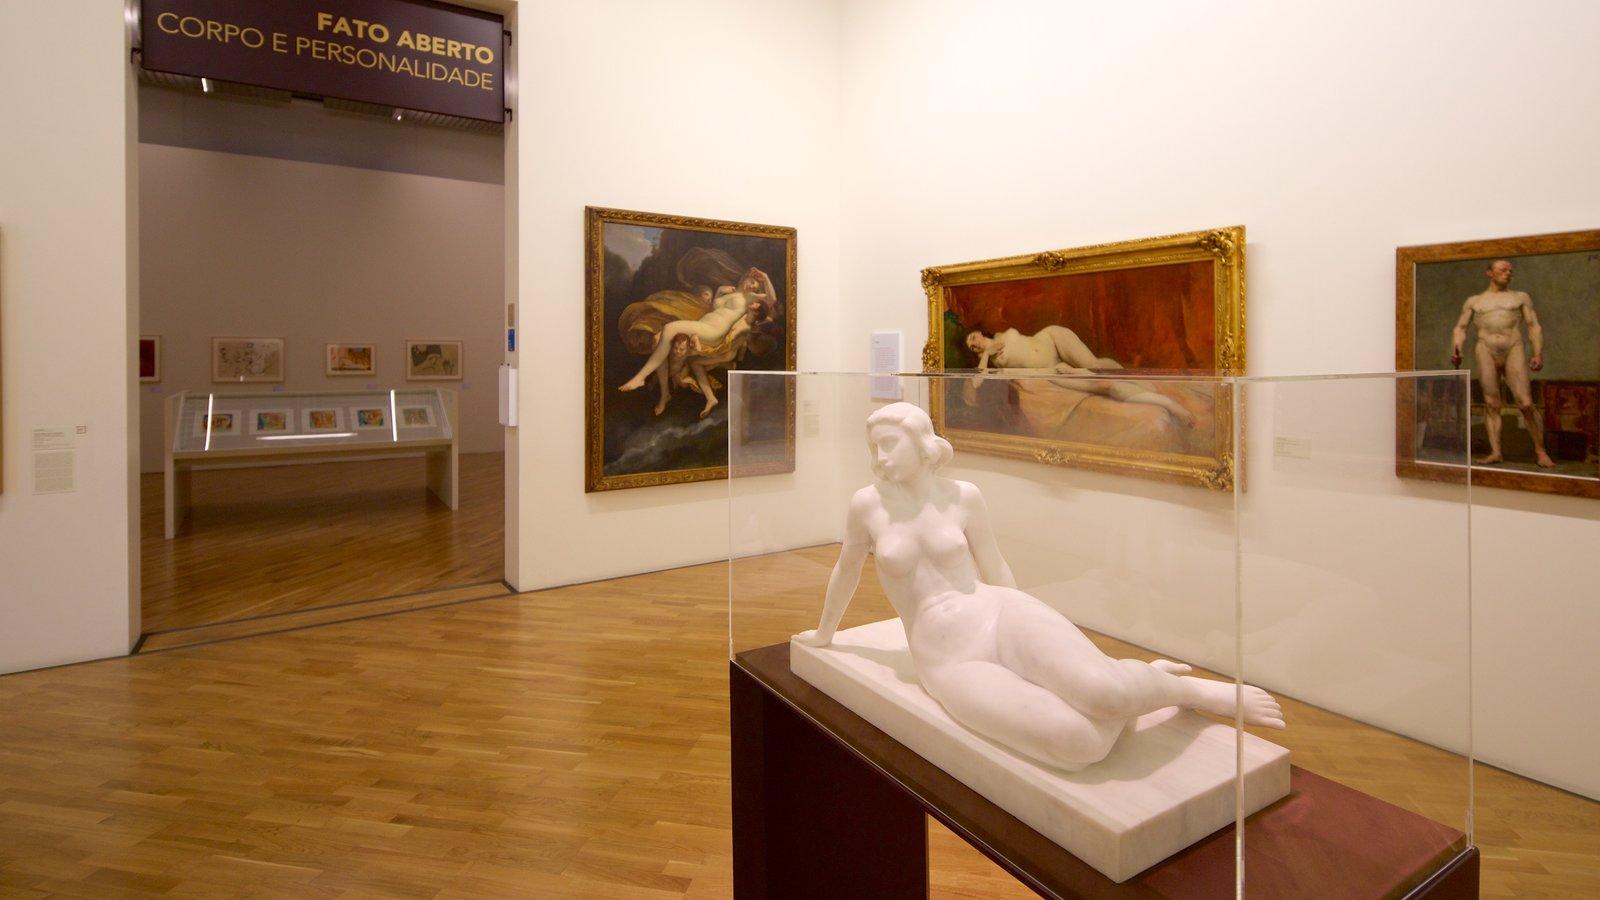 Pinacoteca do Estado que inclui vistas internas, arte e uma estátua ou escultura